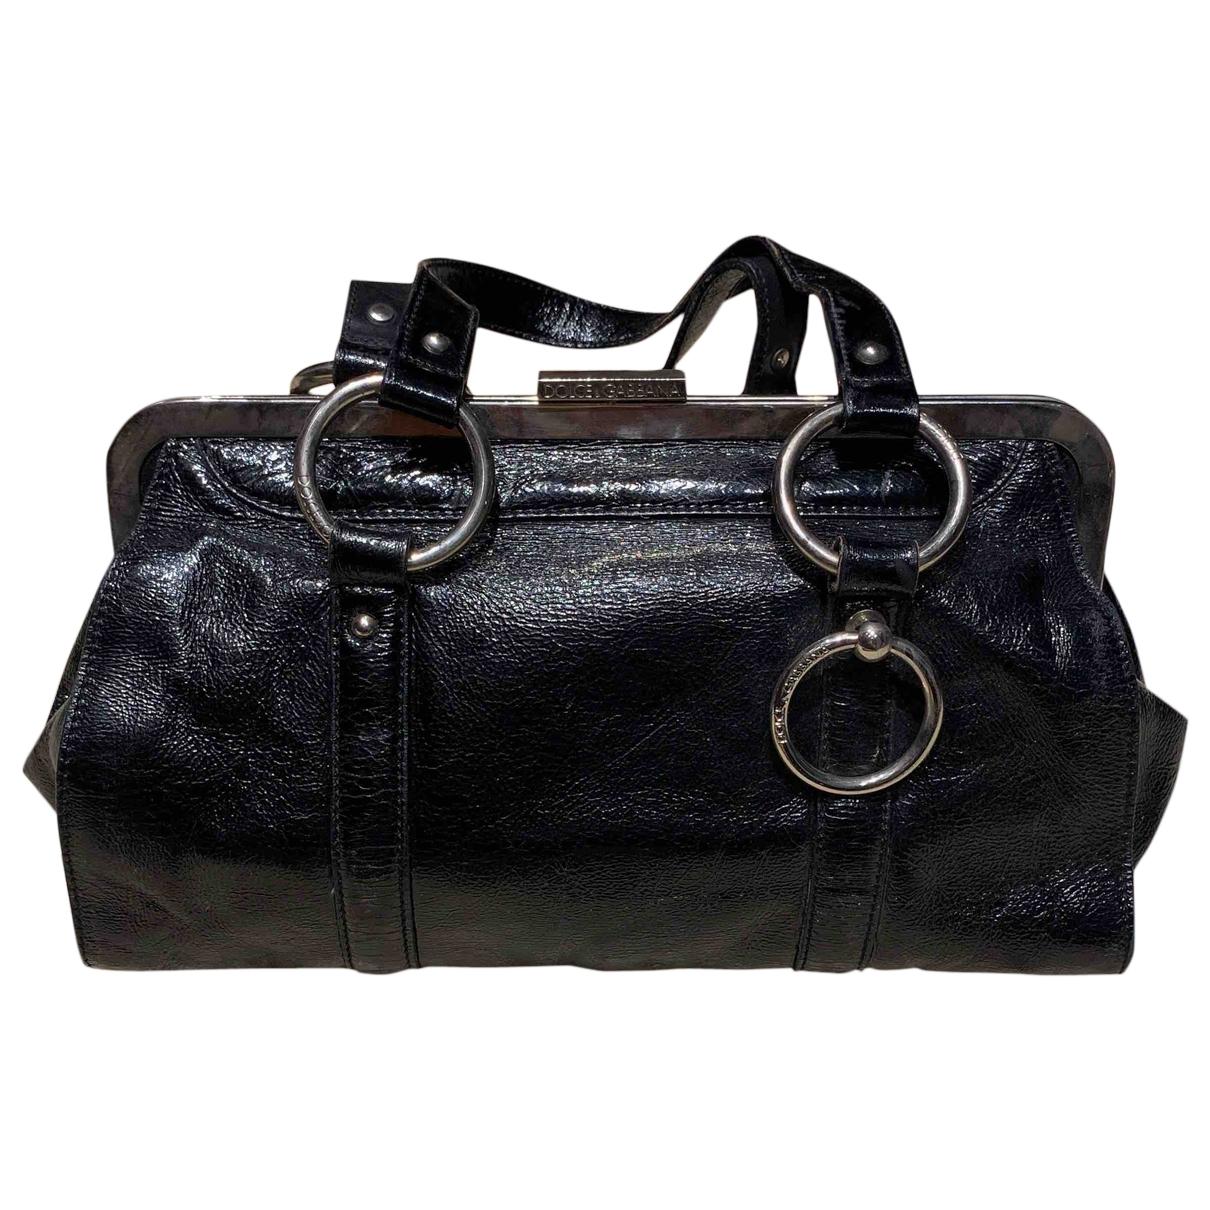 Dolce & Gabbana \N Handtasche in  Schwarz Lackleder